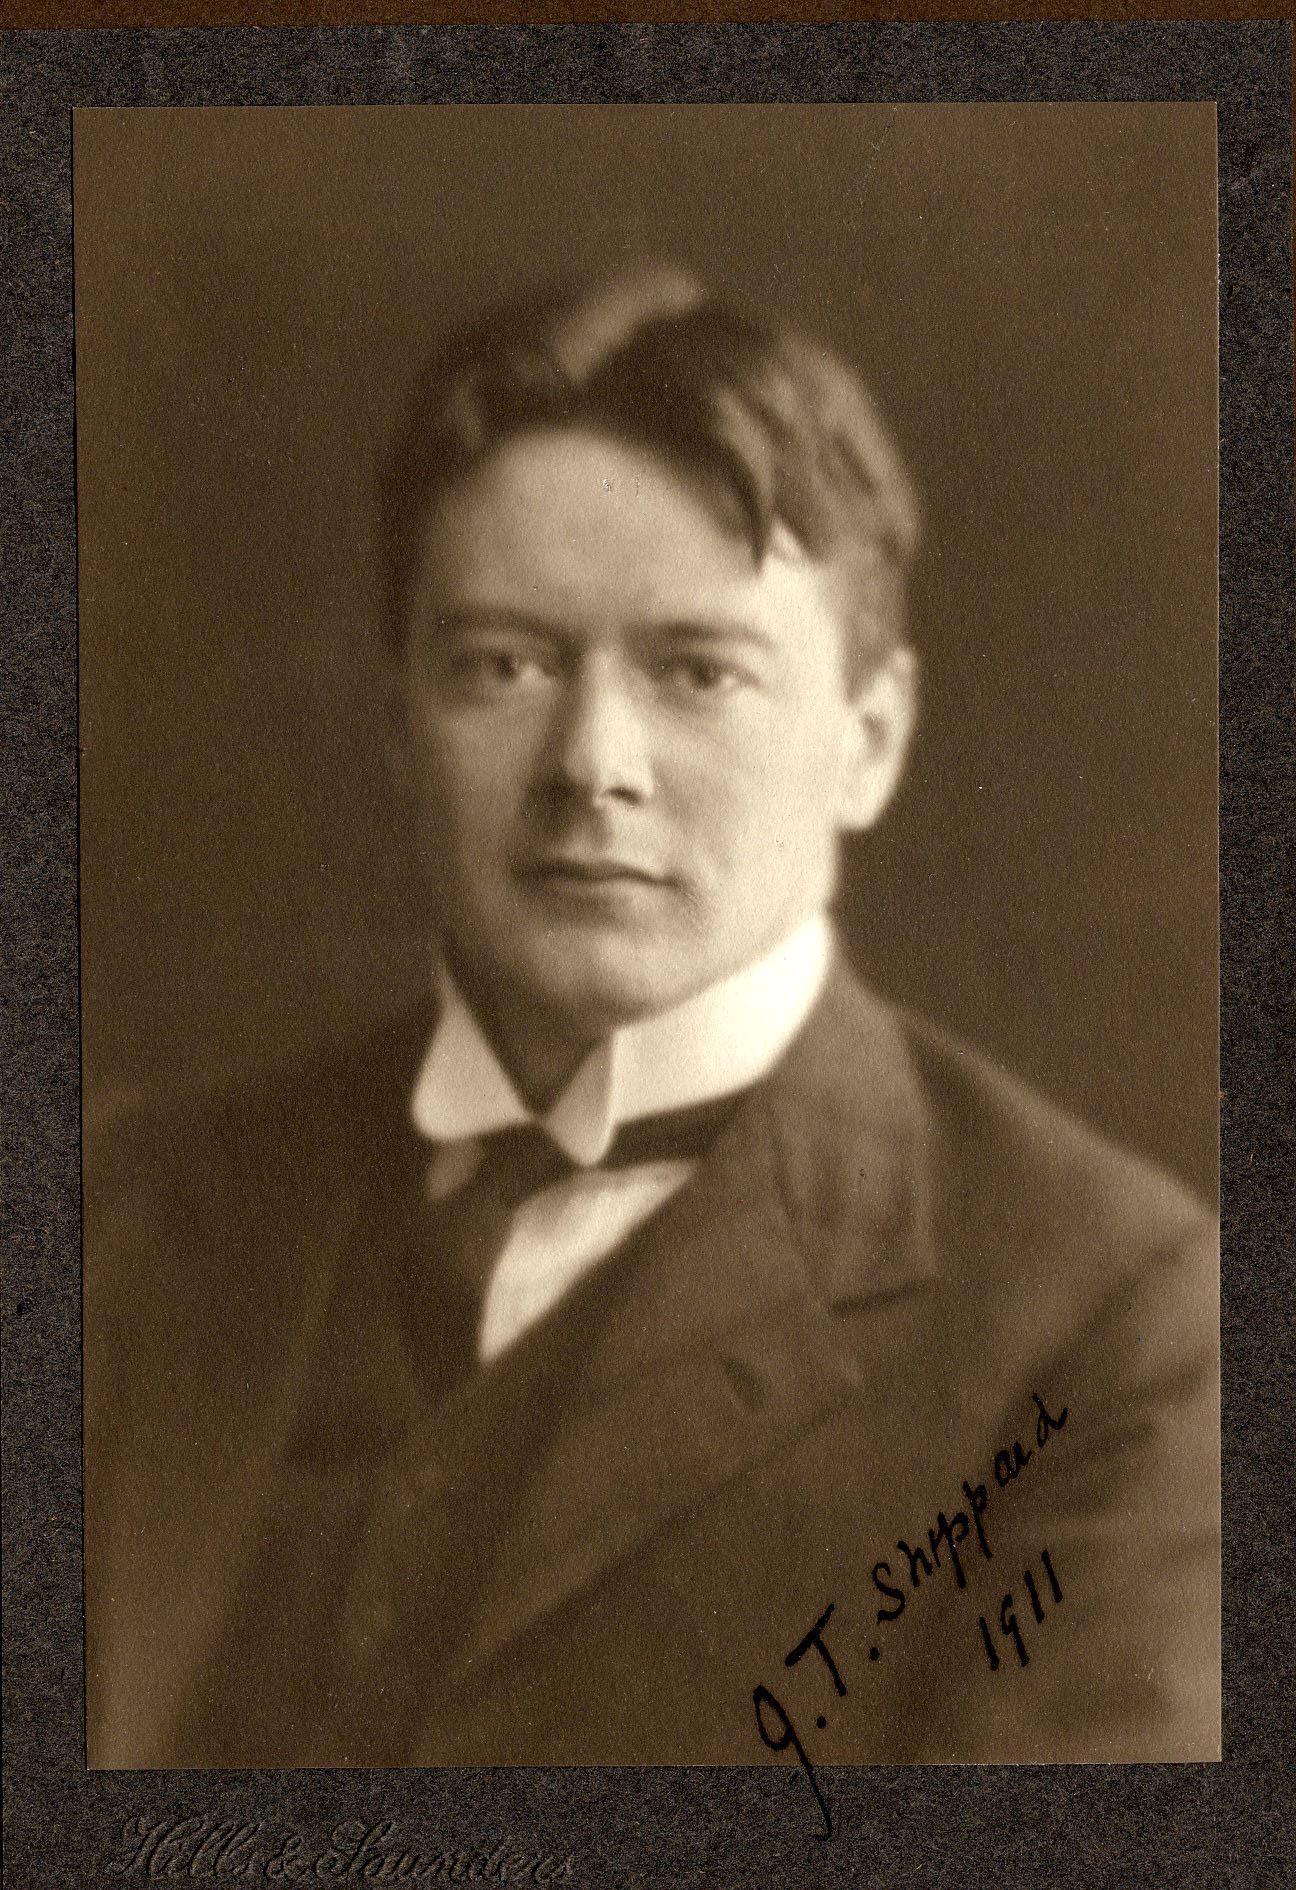 John Tresidder Sheppard, 1911 (Coll/Ph/0388/Sheppard)